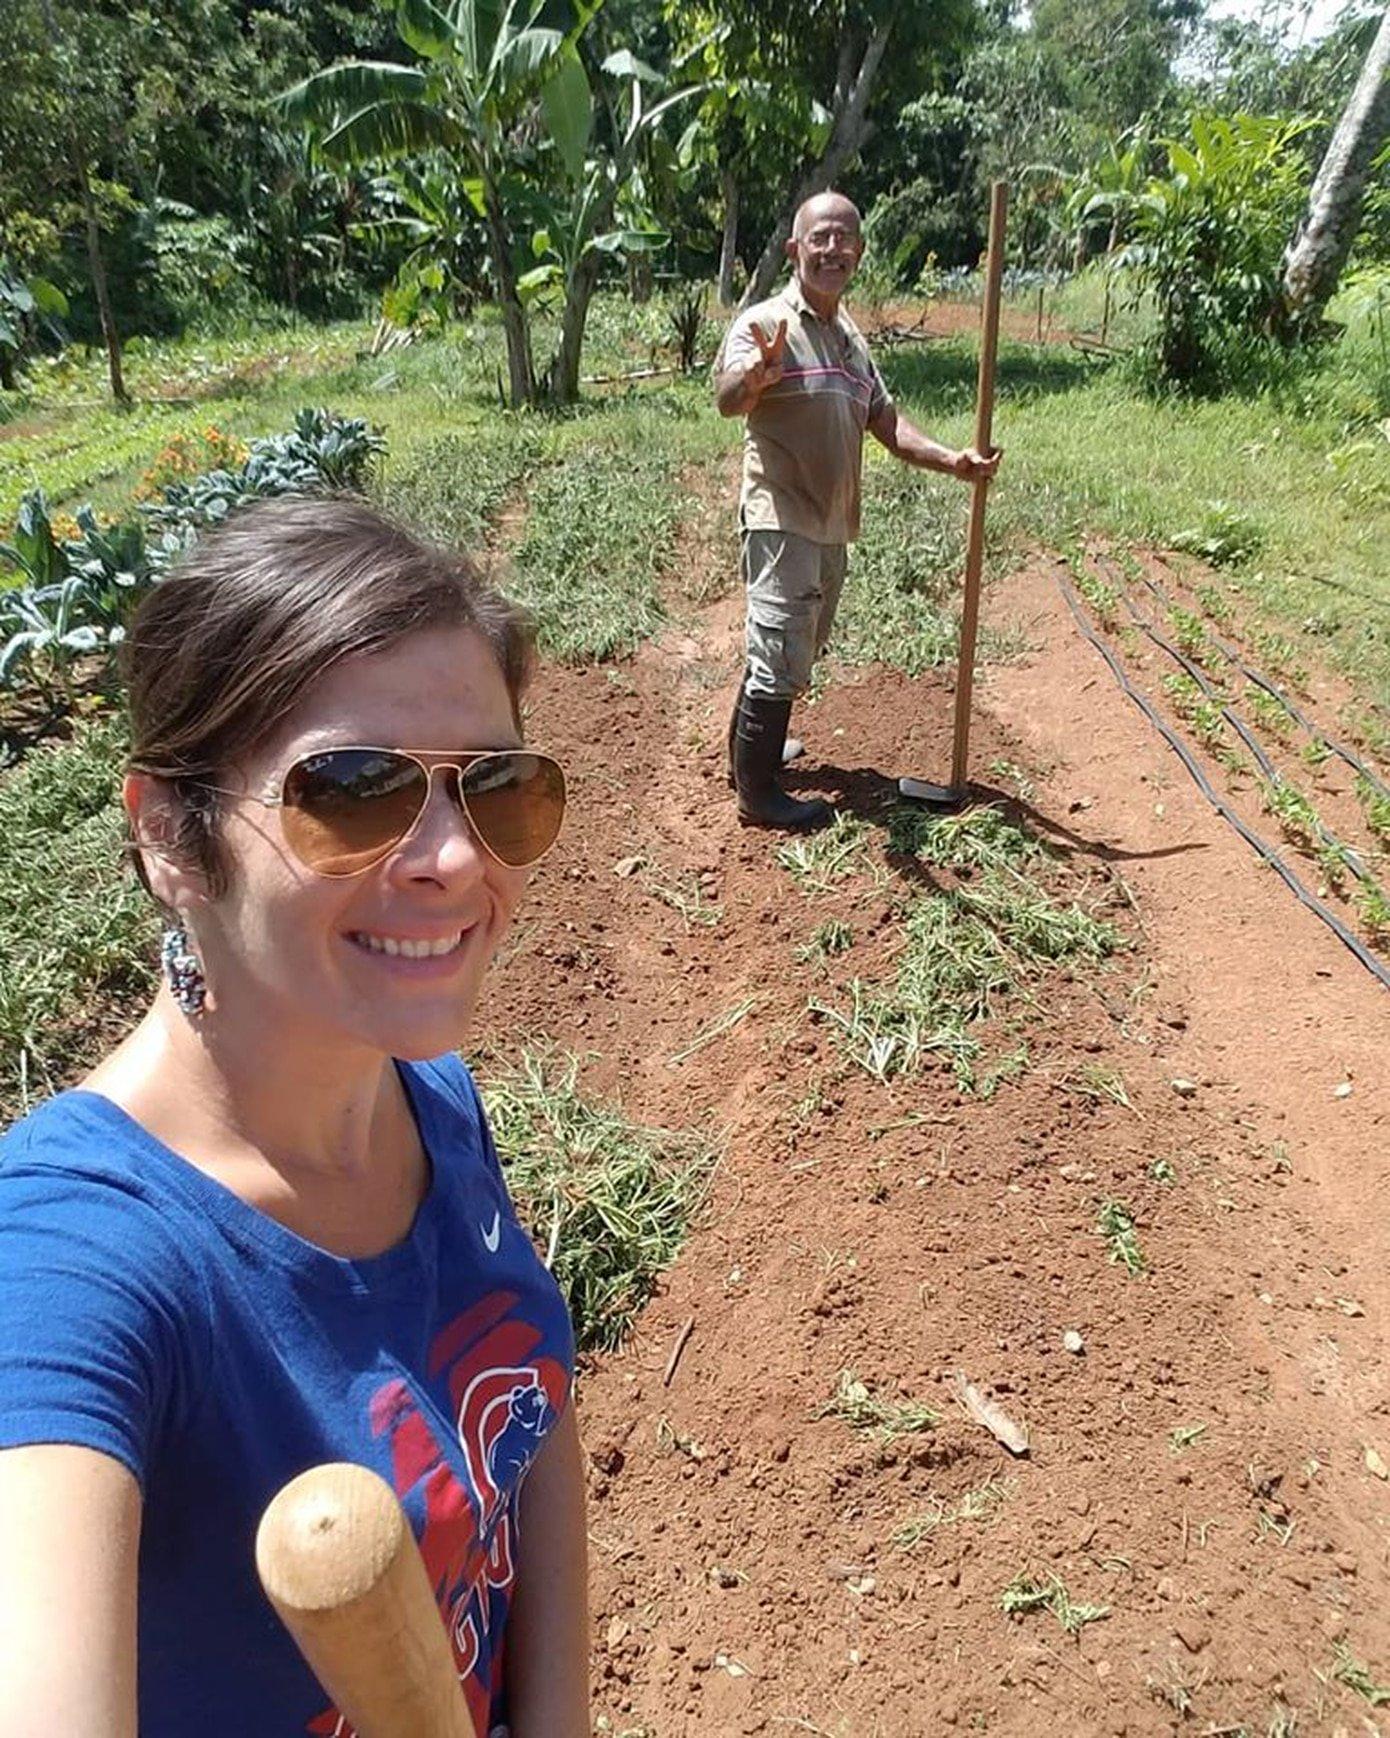 Agricultores Siguen Creciendo Durante la Cuarentena